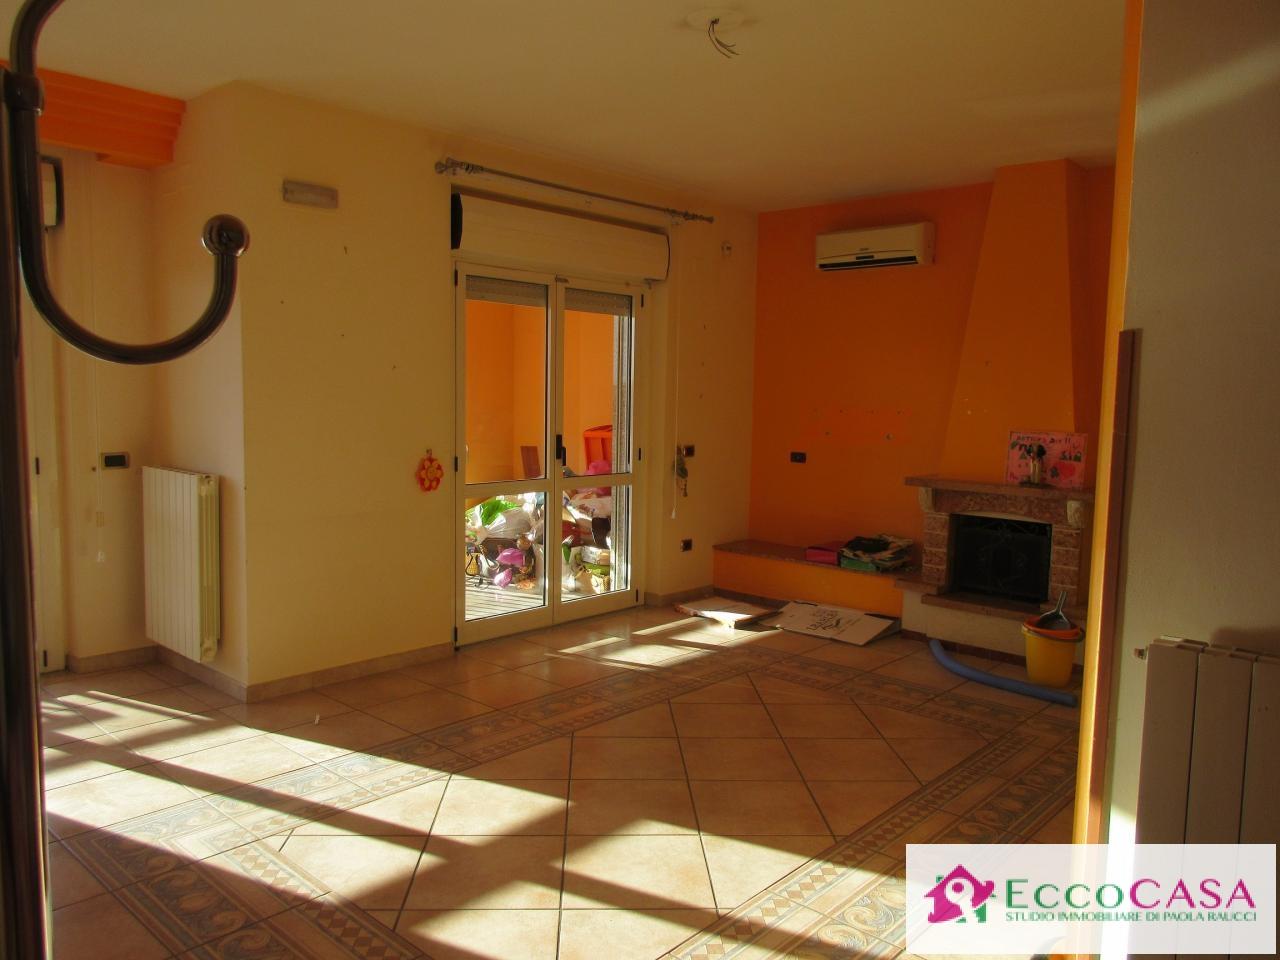 Appartamento in affitto a Maddaloni, 3 locali, prezzo € 425 | CambioCasa.it